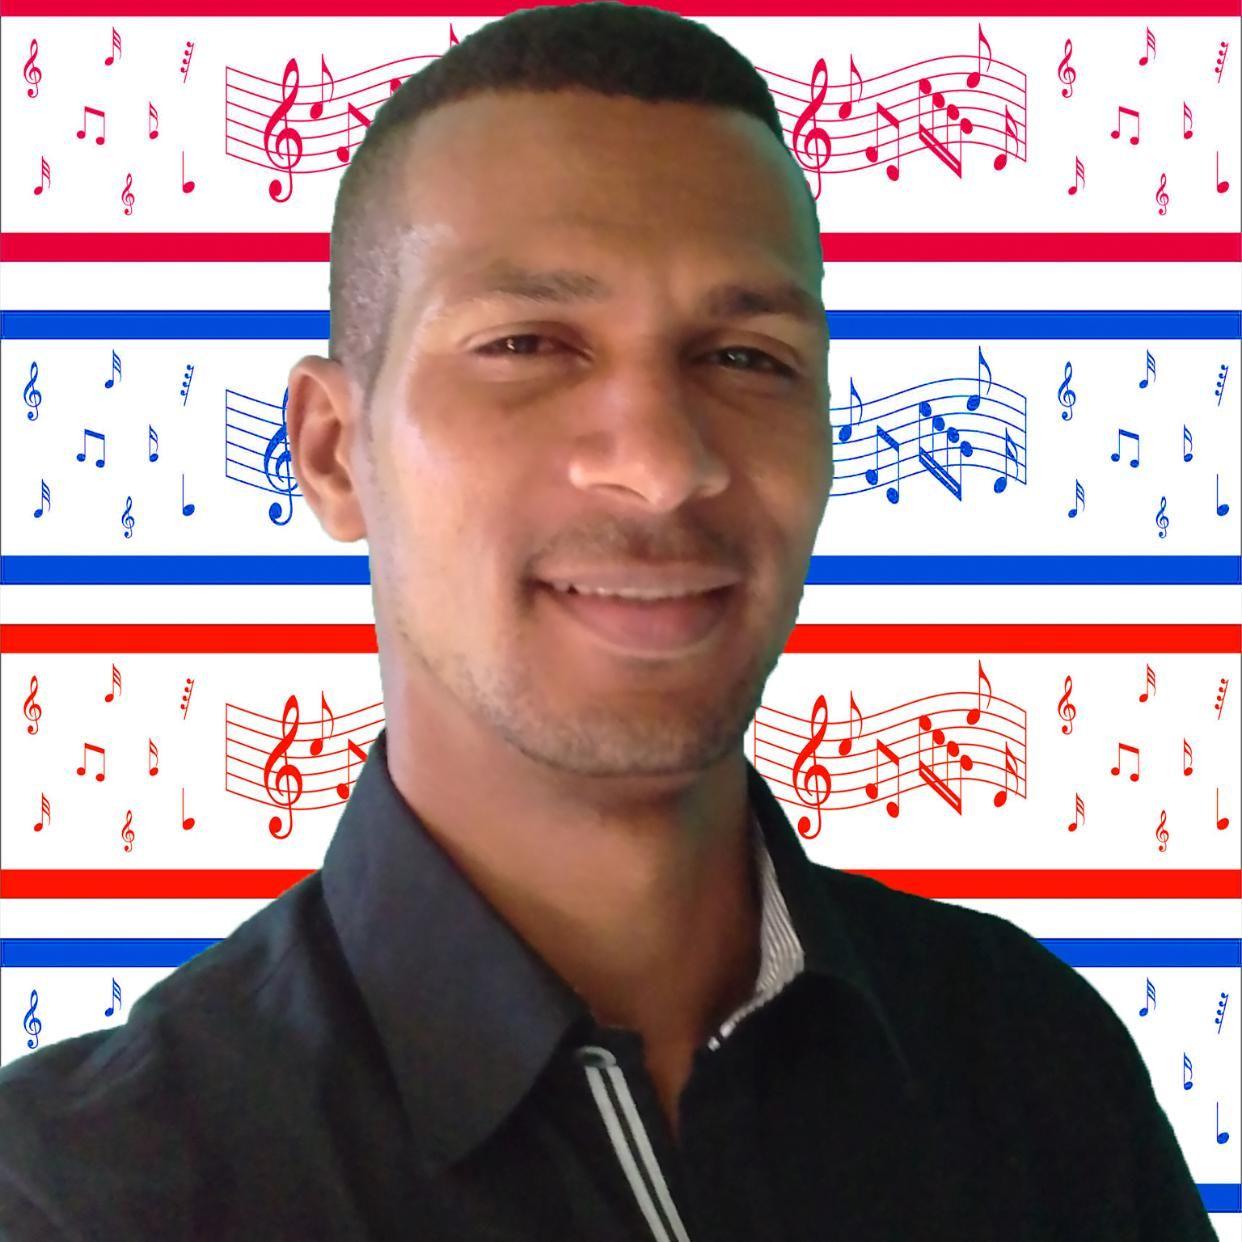 Adailton Teixeira